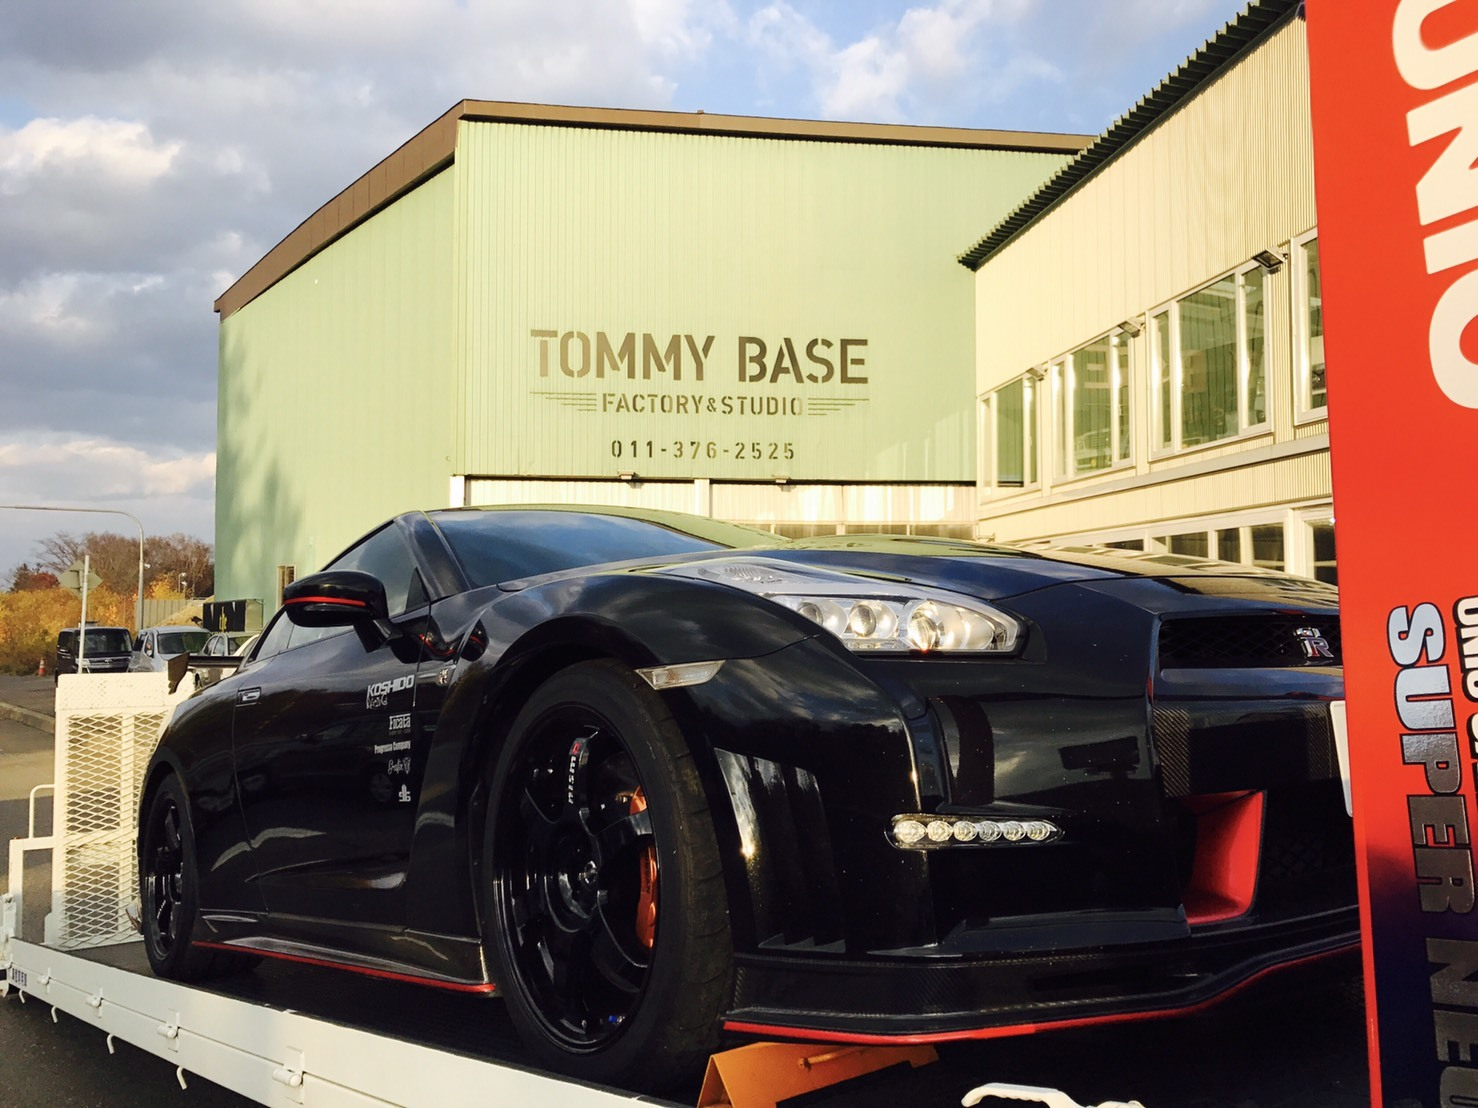 10月31日 ひとログTueヽ( 'ω' )ノ マクラーレン・GTR?!スーパーカーがTOMMYにやってきた!_b0127002_17411879.jpg